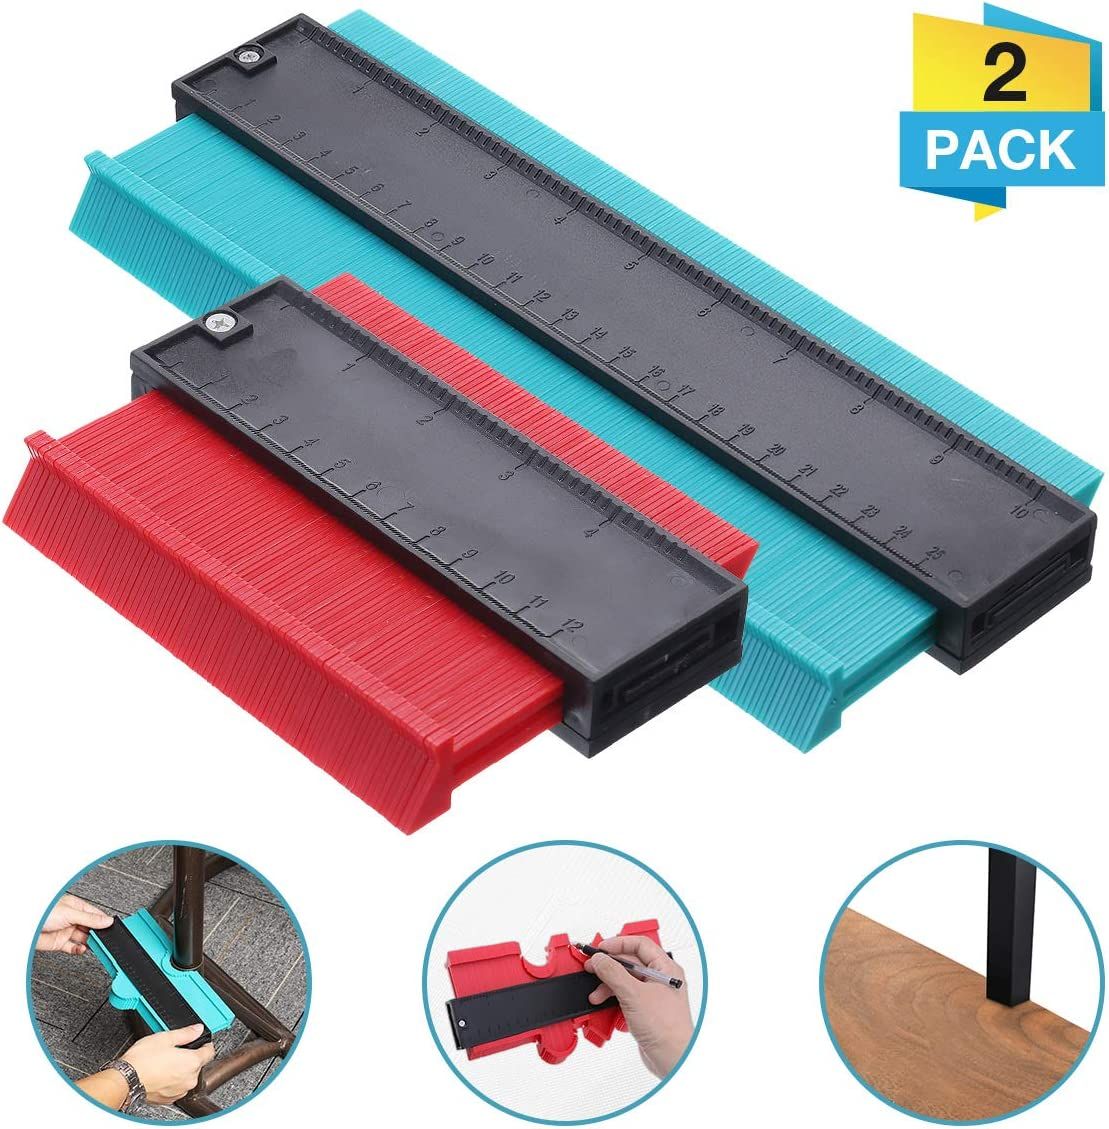 OUTERDO medidor de contorno, duplicador de perfil, regla de contorno, herramienta de medición de copia, duplicador para formas irregulares, herramienta de medición precisa de madera, 2 paquetes